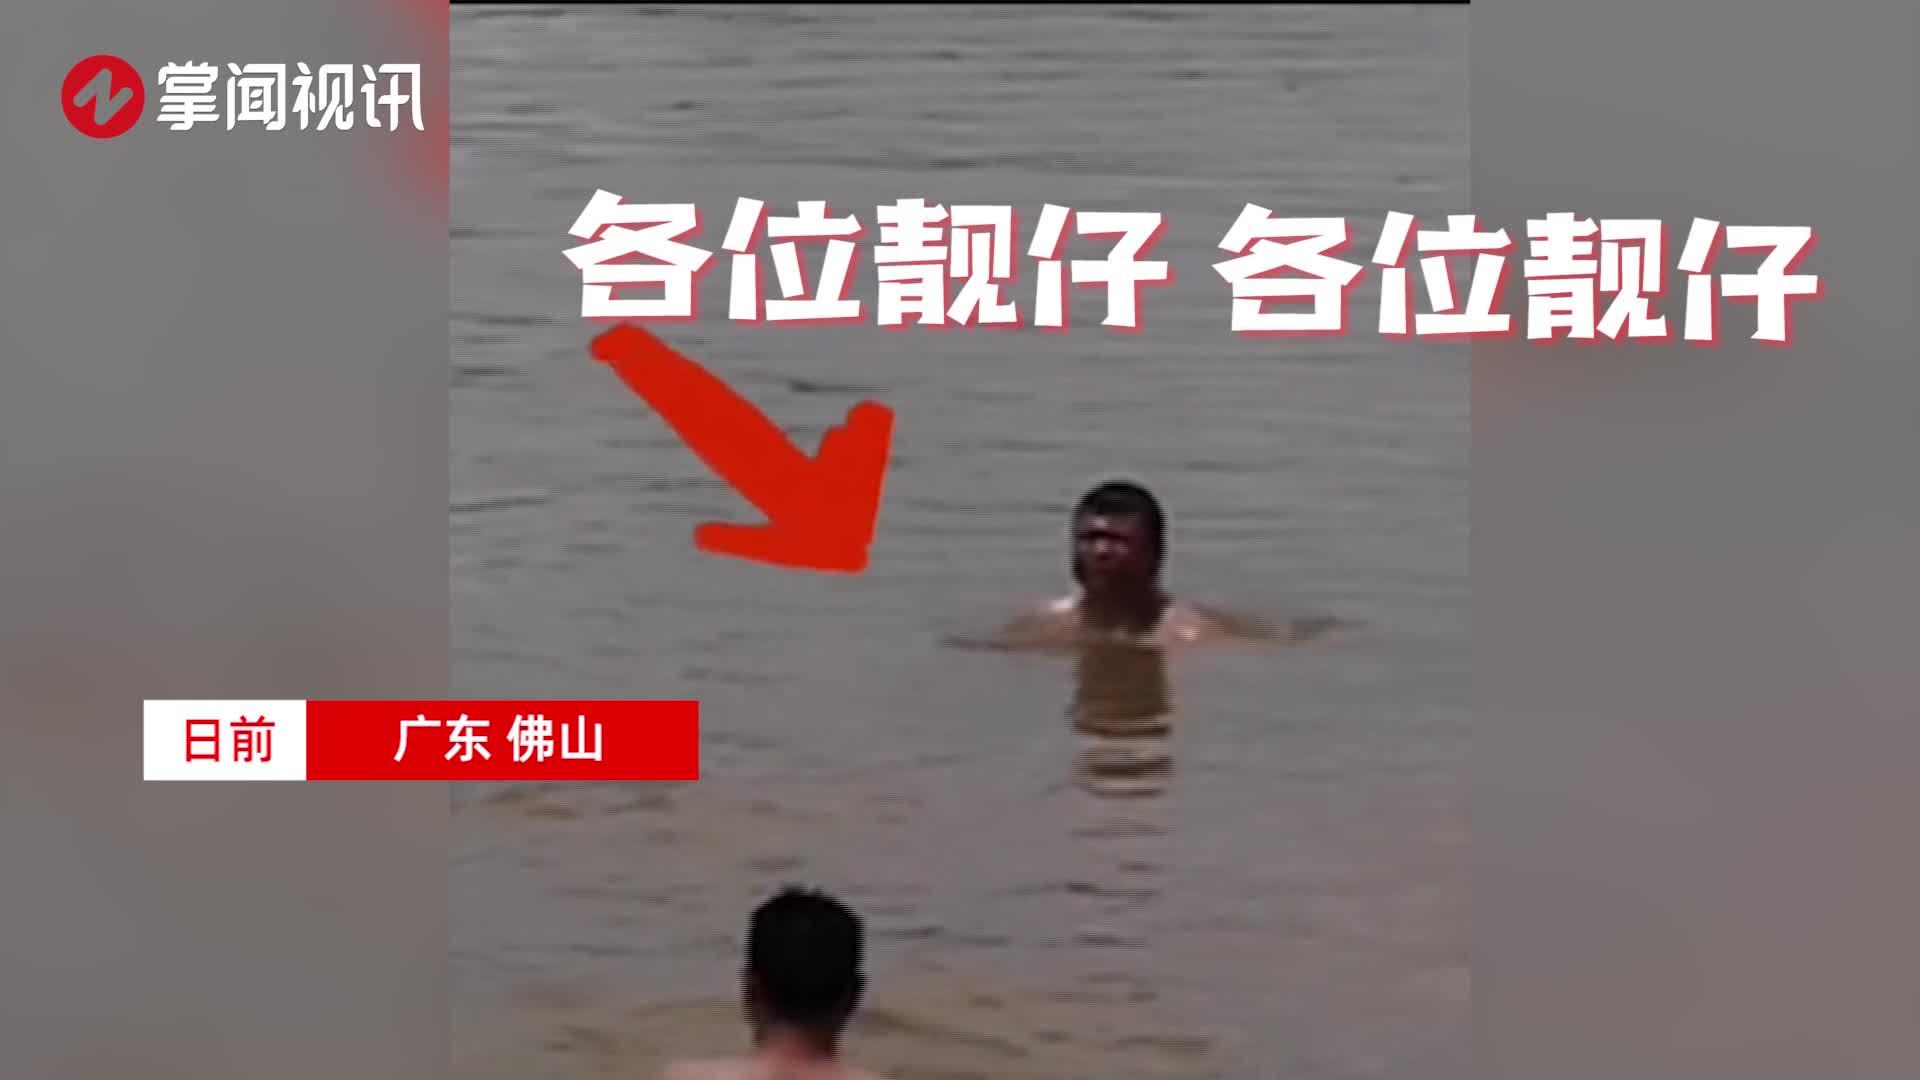 警花用无人机巡视直播野泳 对水中大汉喊话:请确认穿好衣服